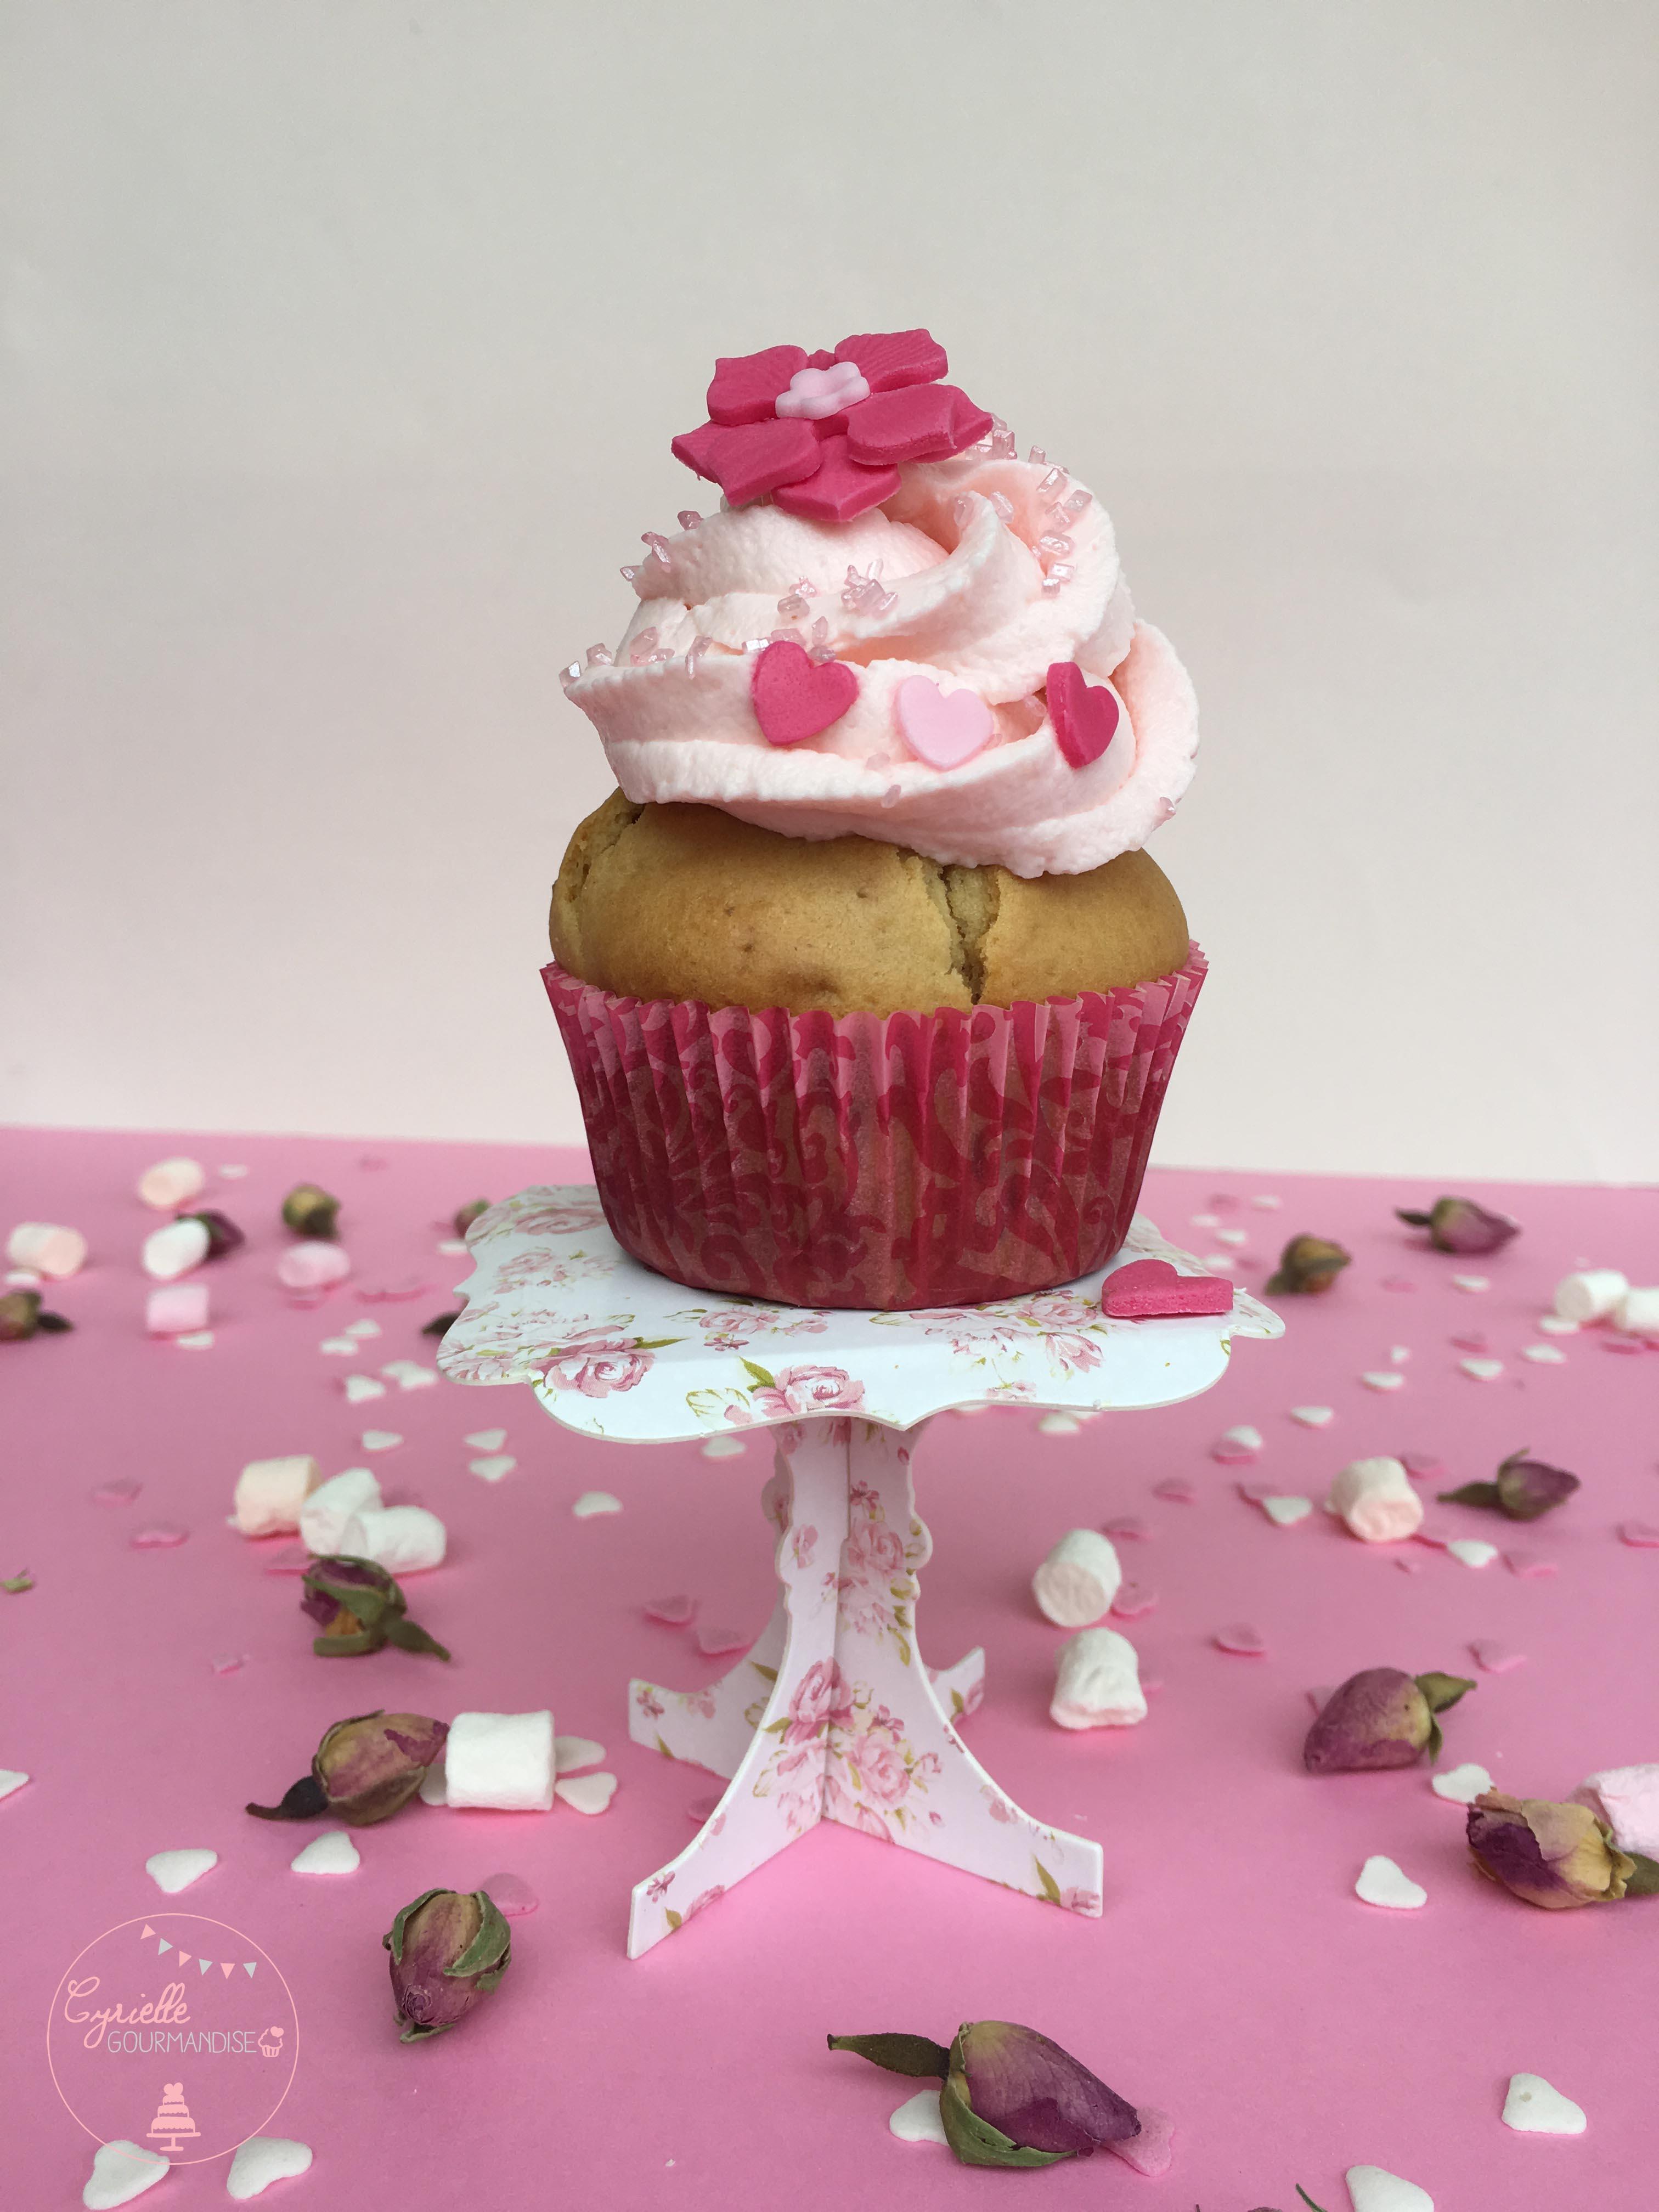 Cupcake rhubarbe rose 4